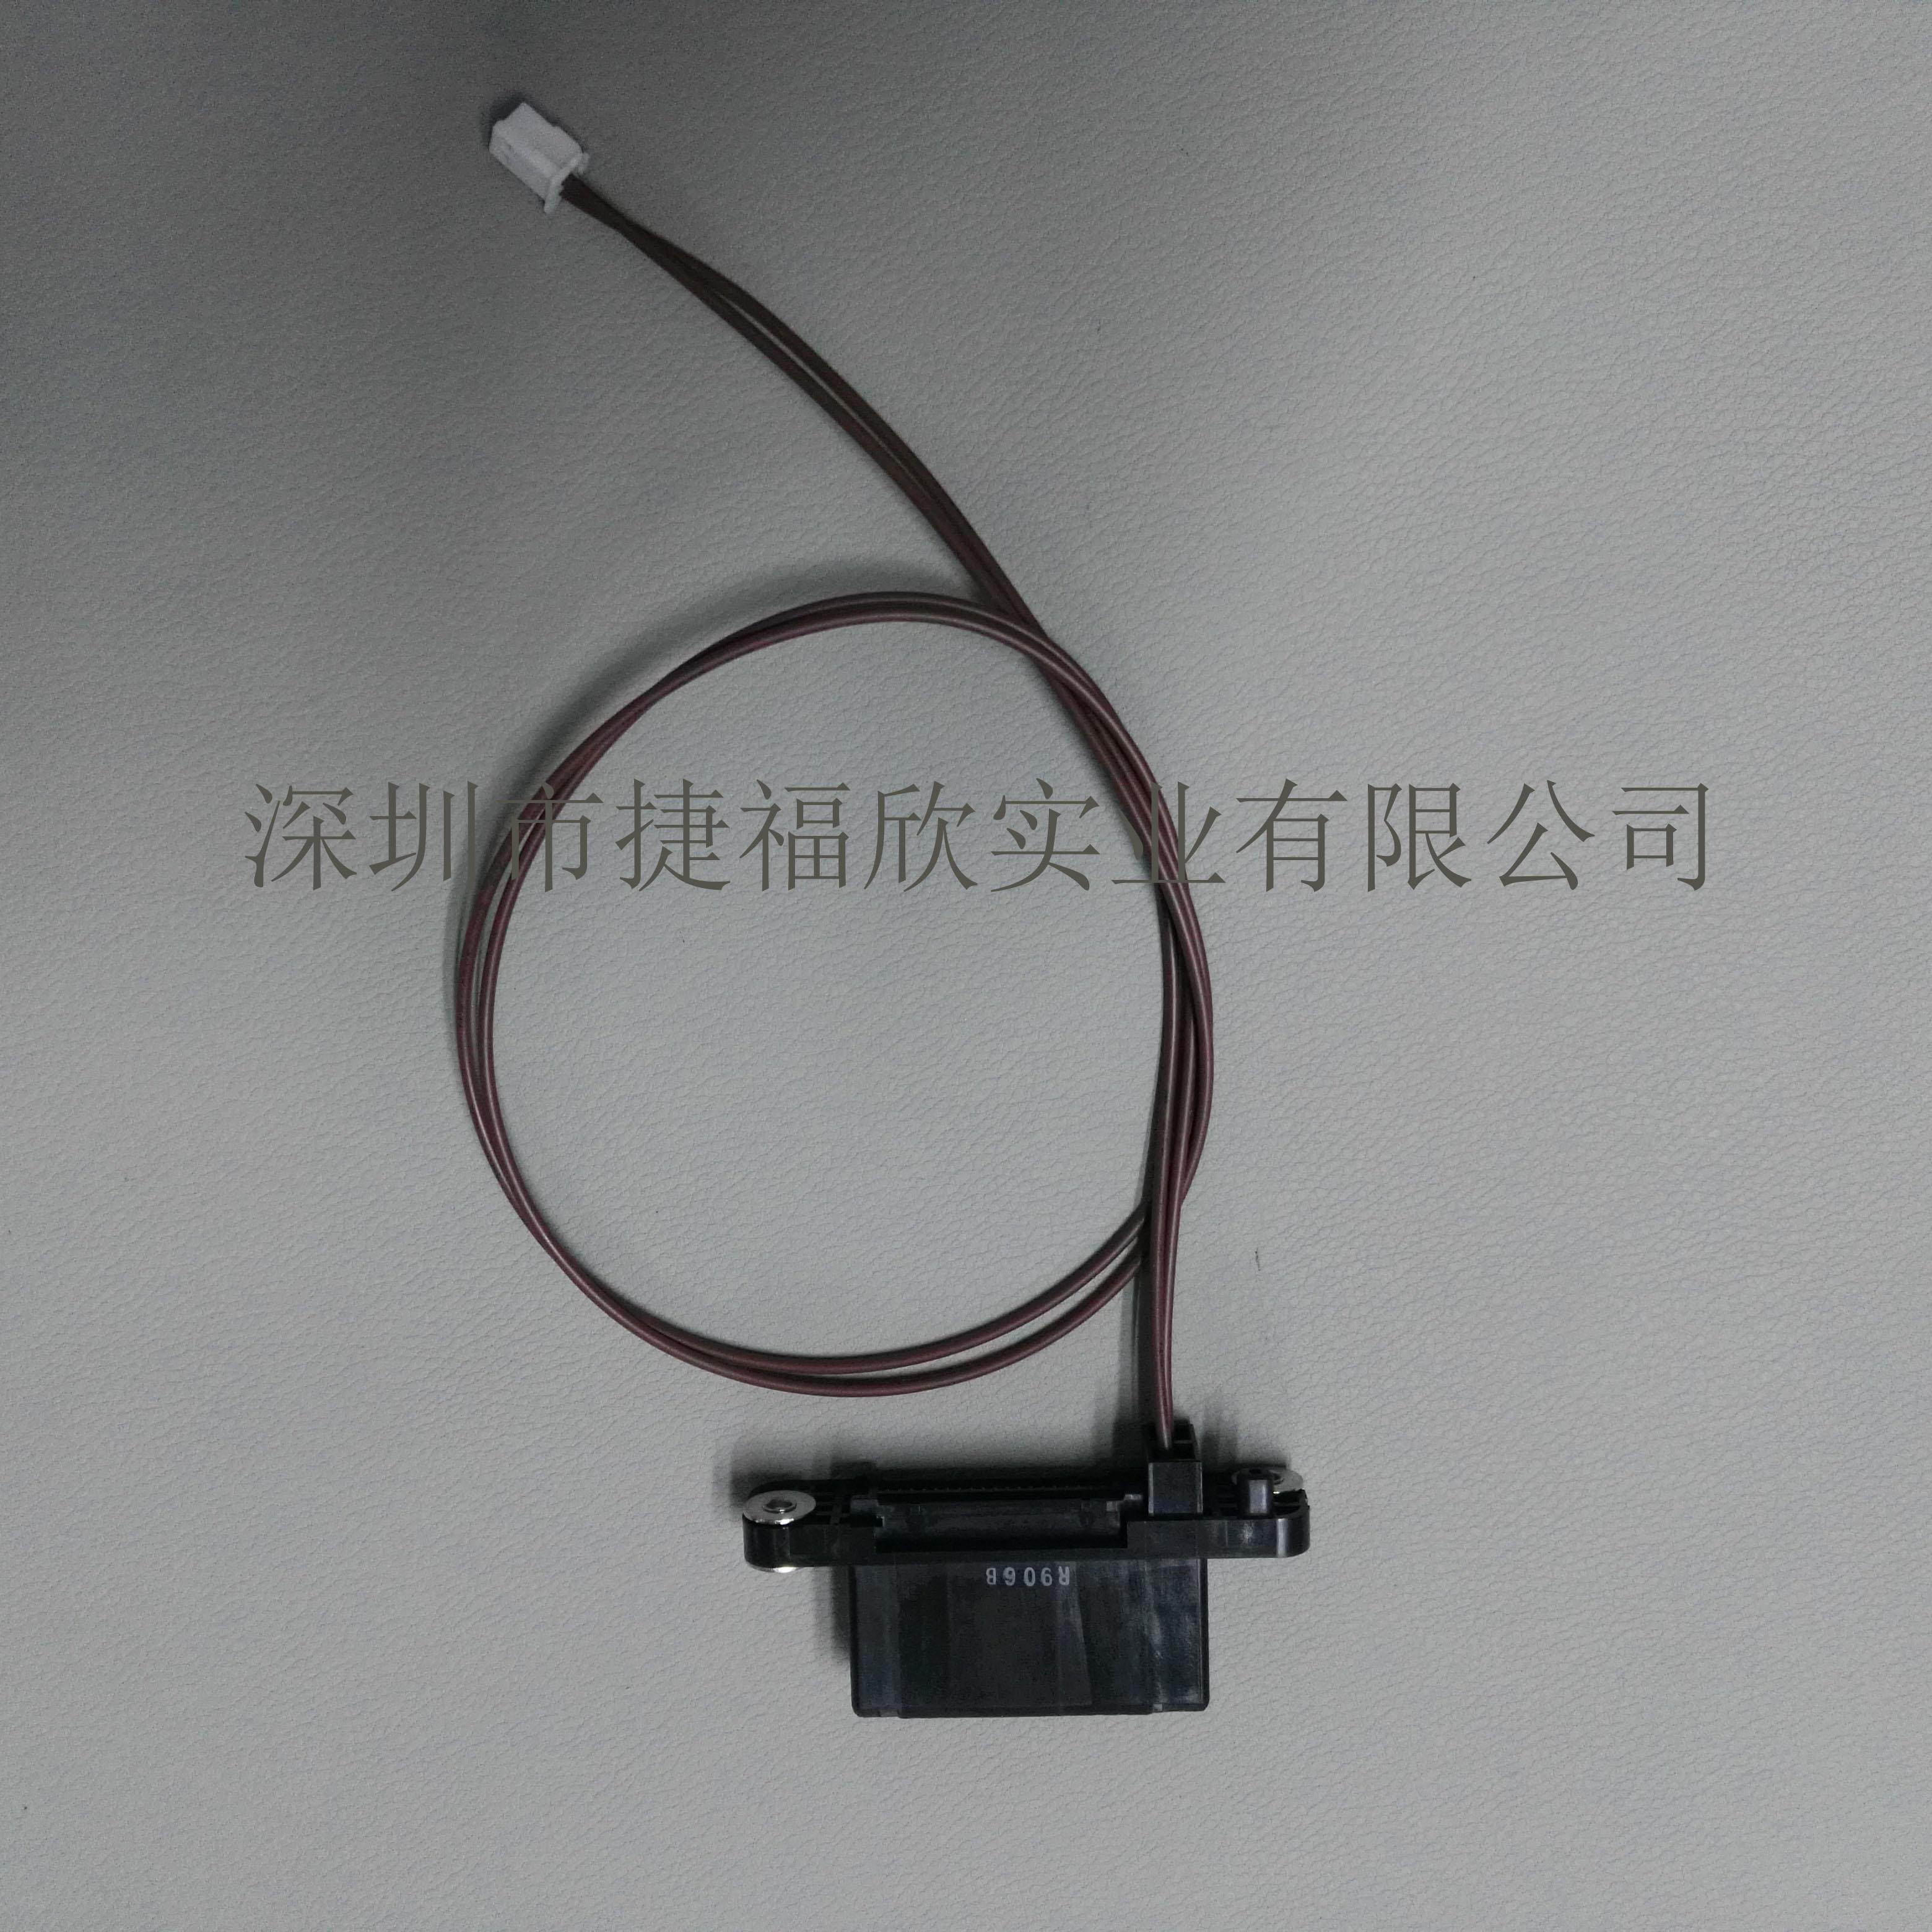 UL1007 20AWG电源线